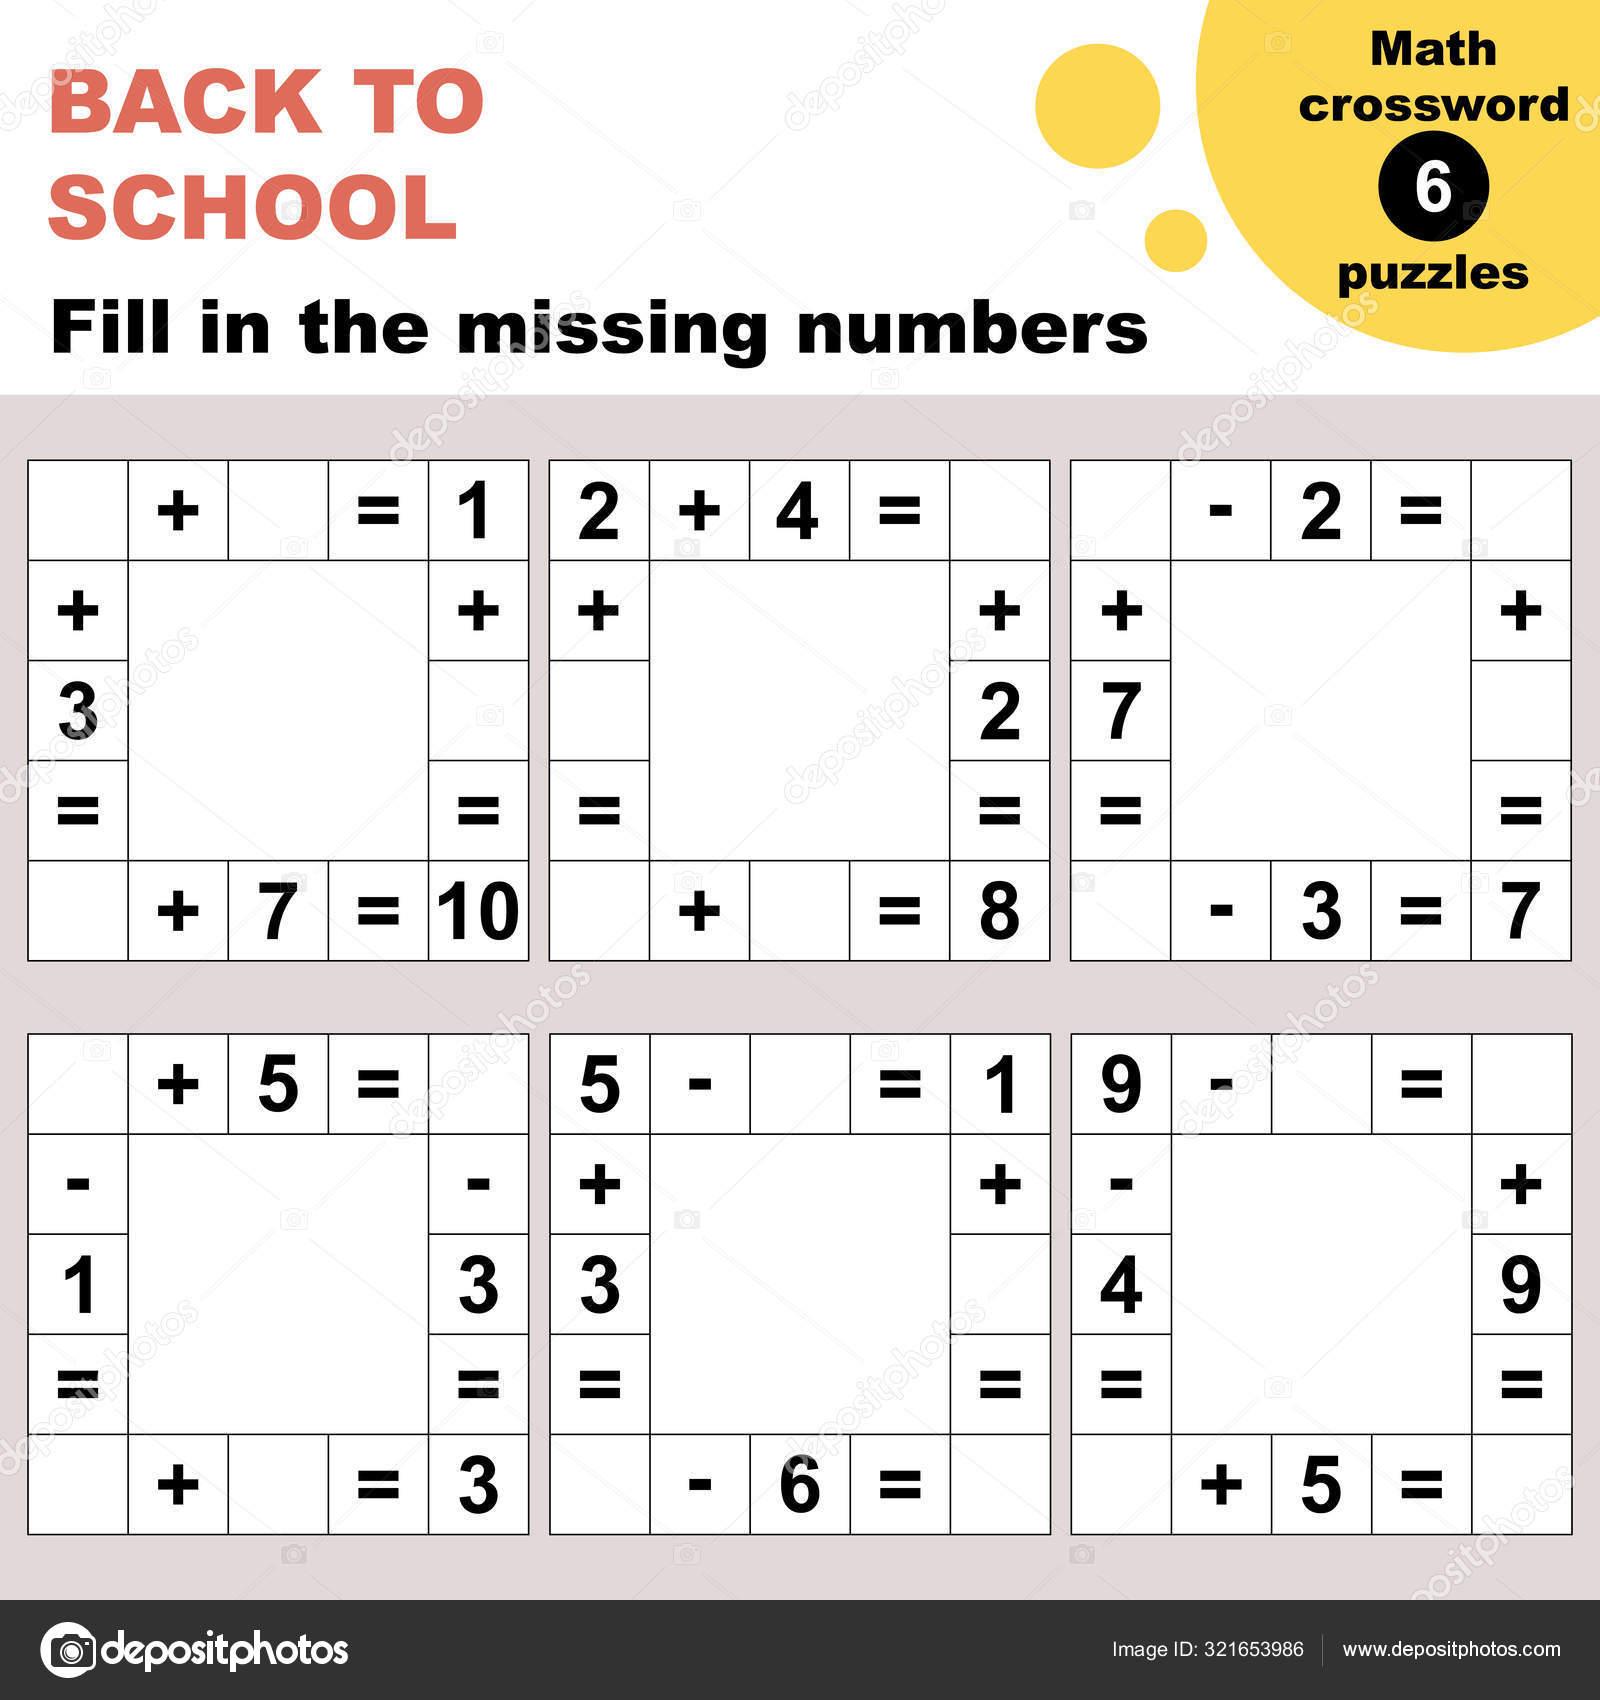 Crossword Easy Puzzles